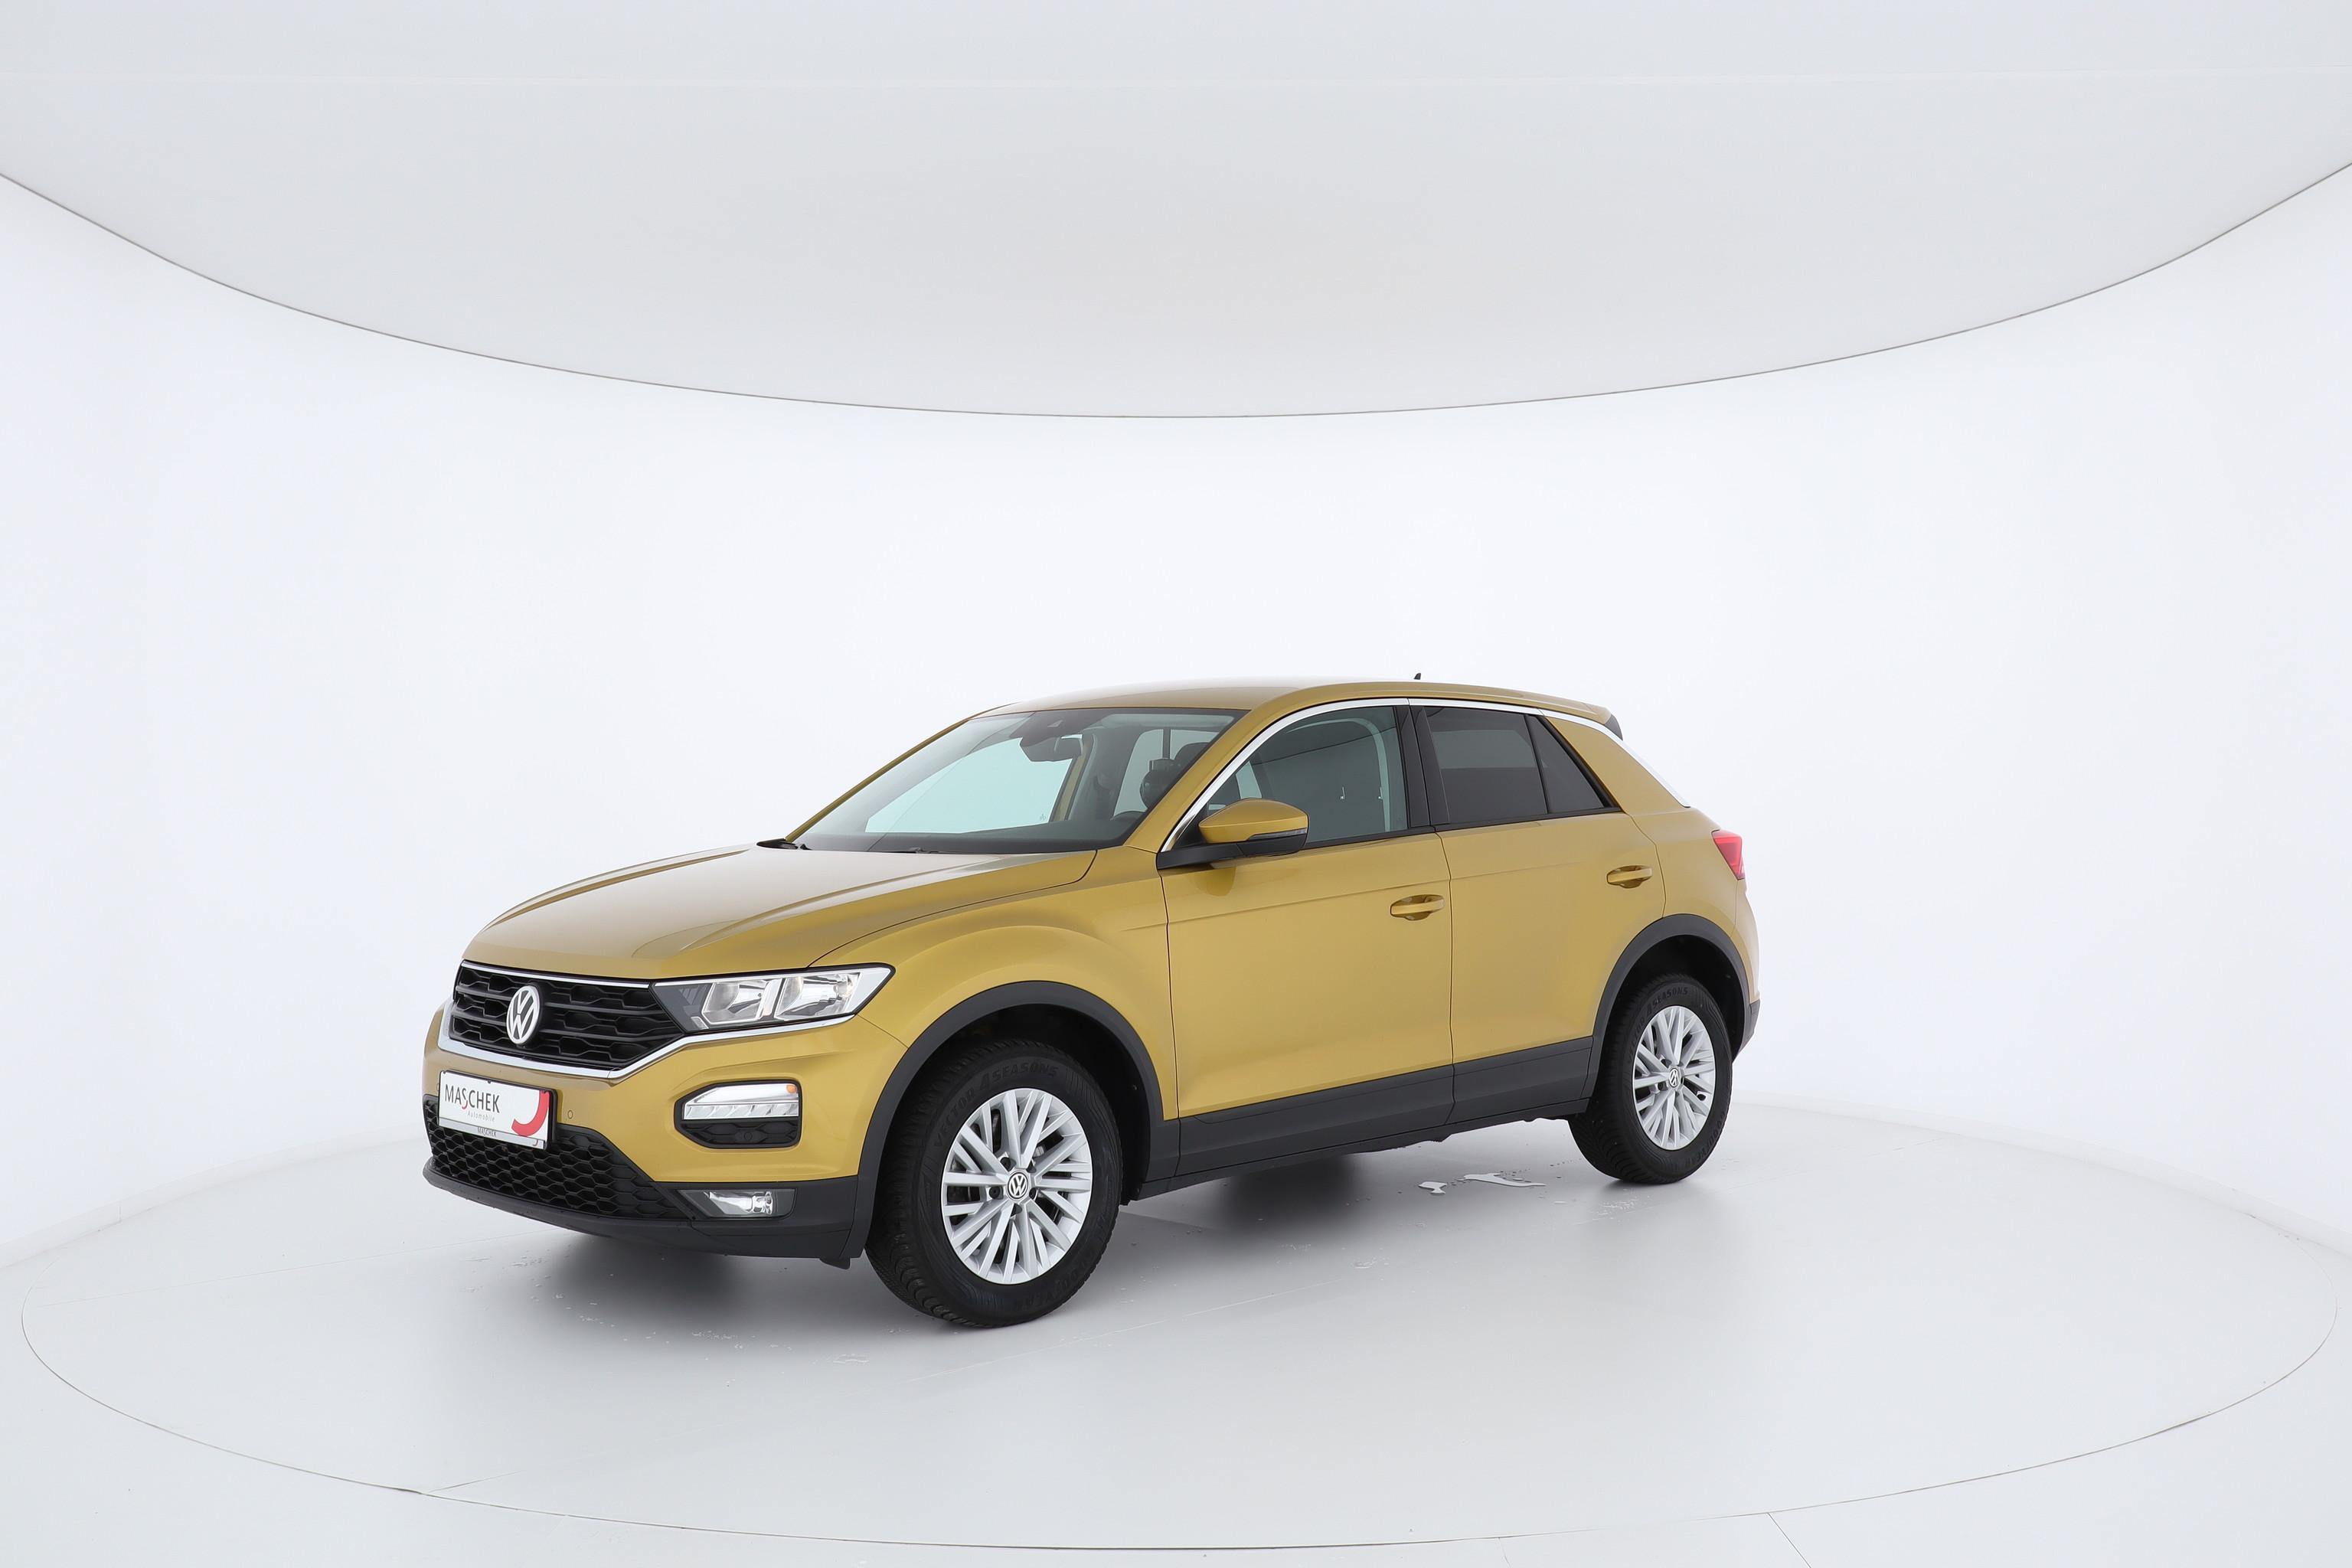 Volkswagen T-ROC 1.6 TDI Navi Alu EPH Winterpaket SHZ*MFL*N, Jahr 2017, Diesel